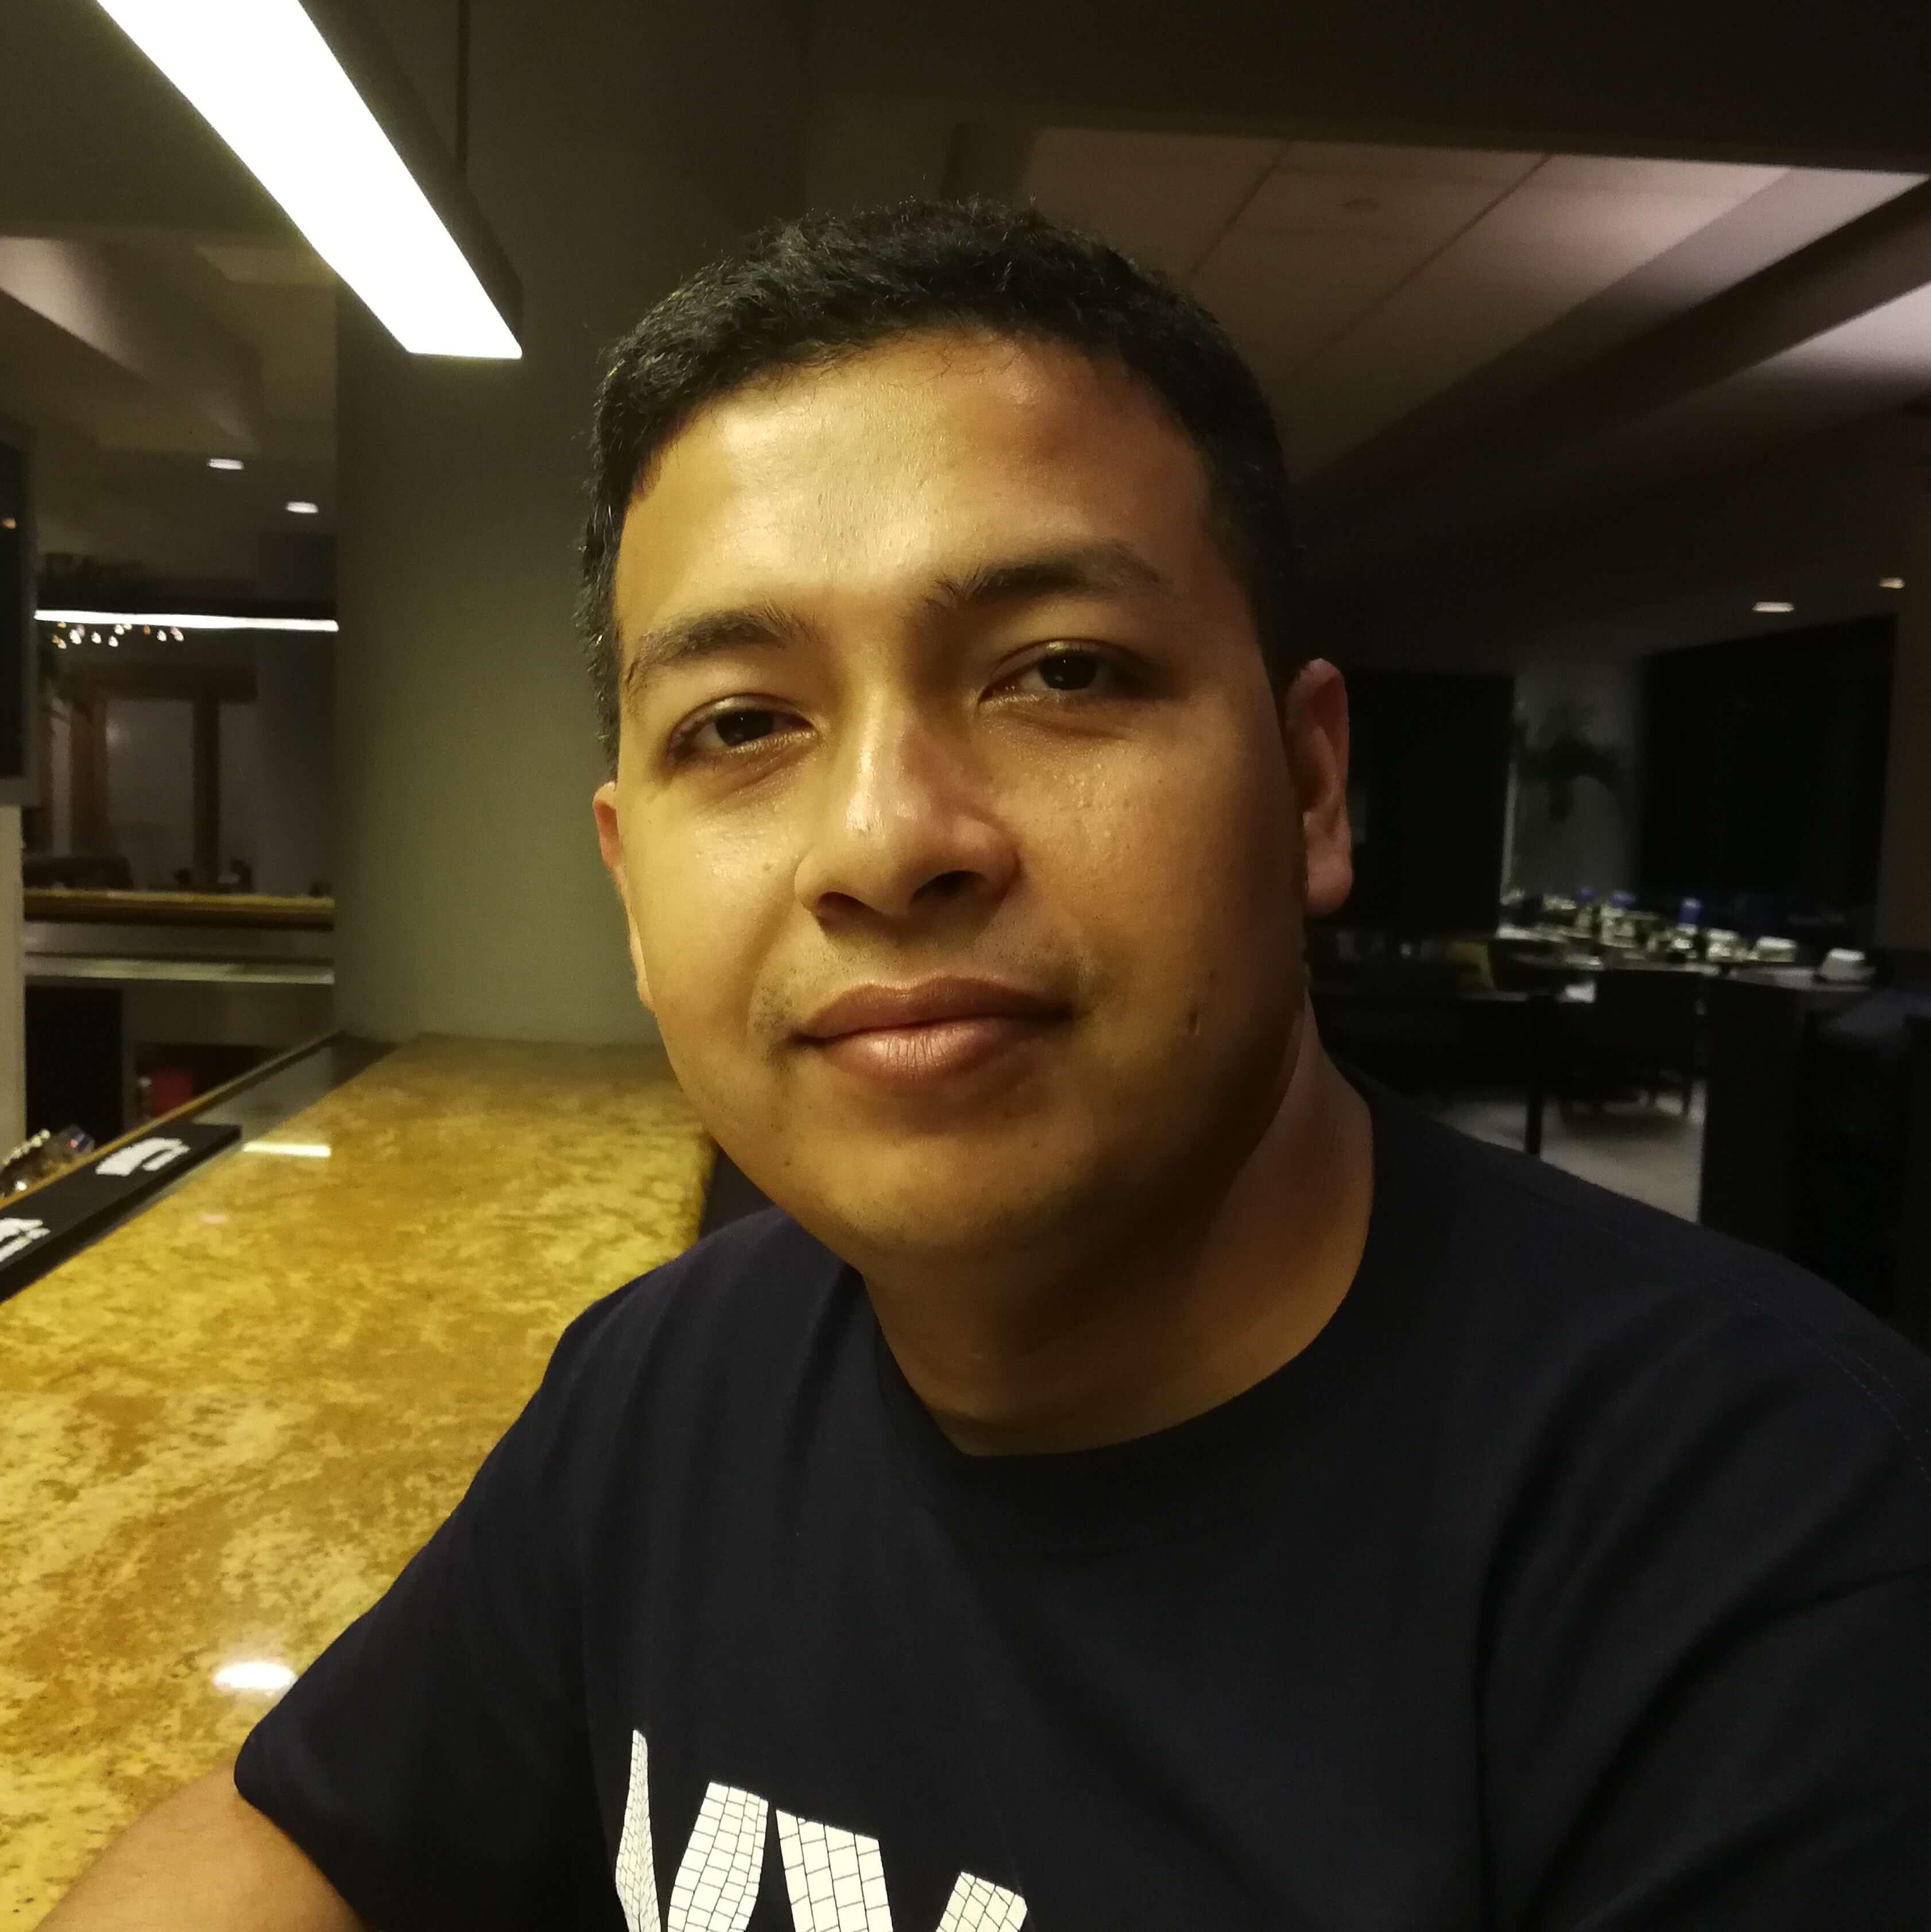 MD Masum Hossain